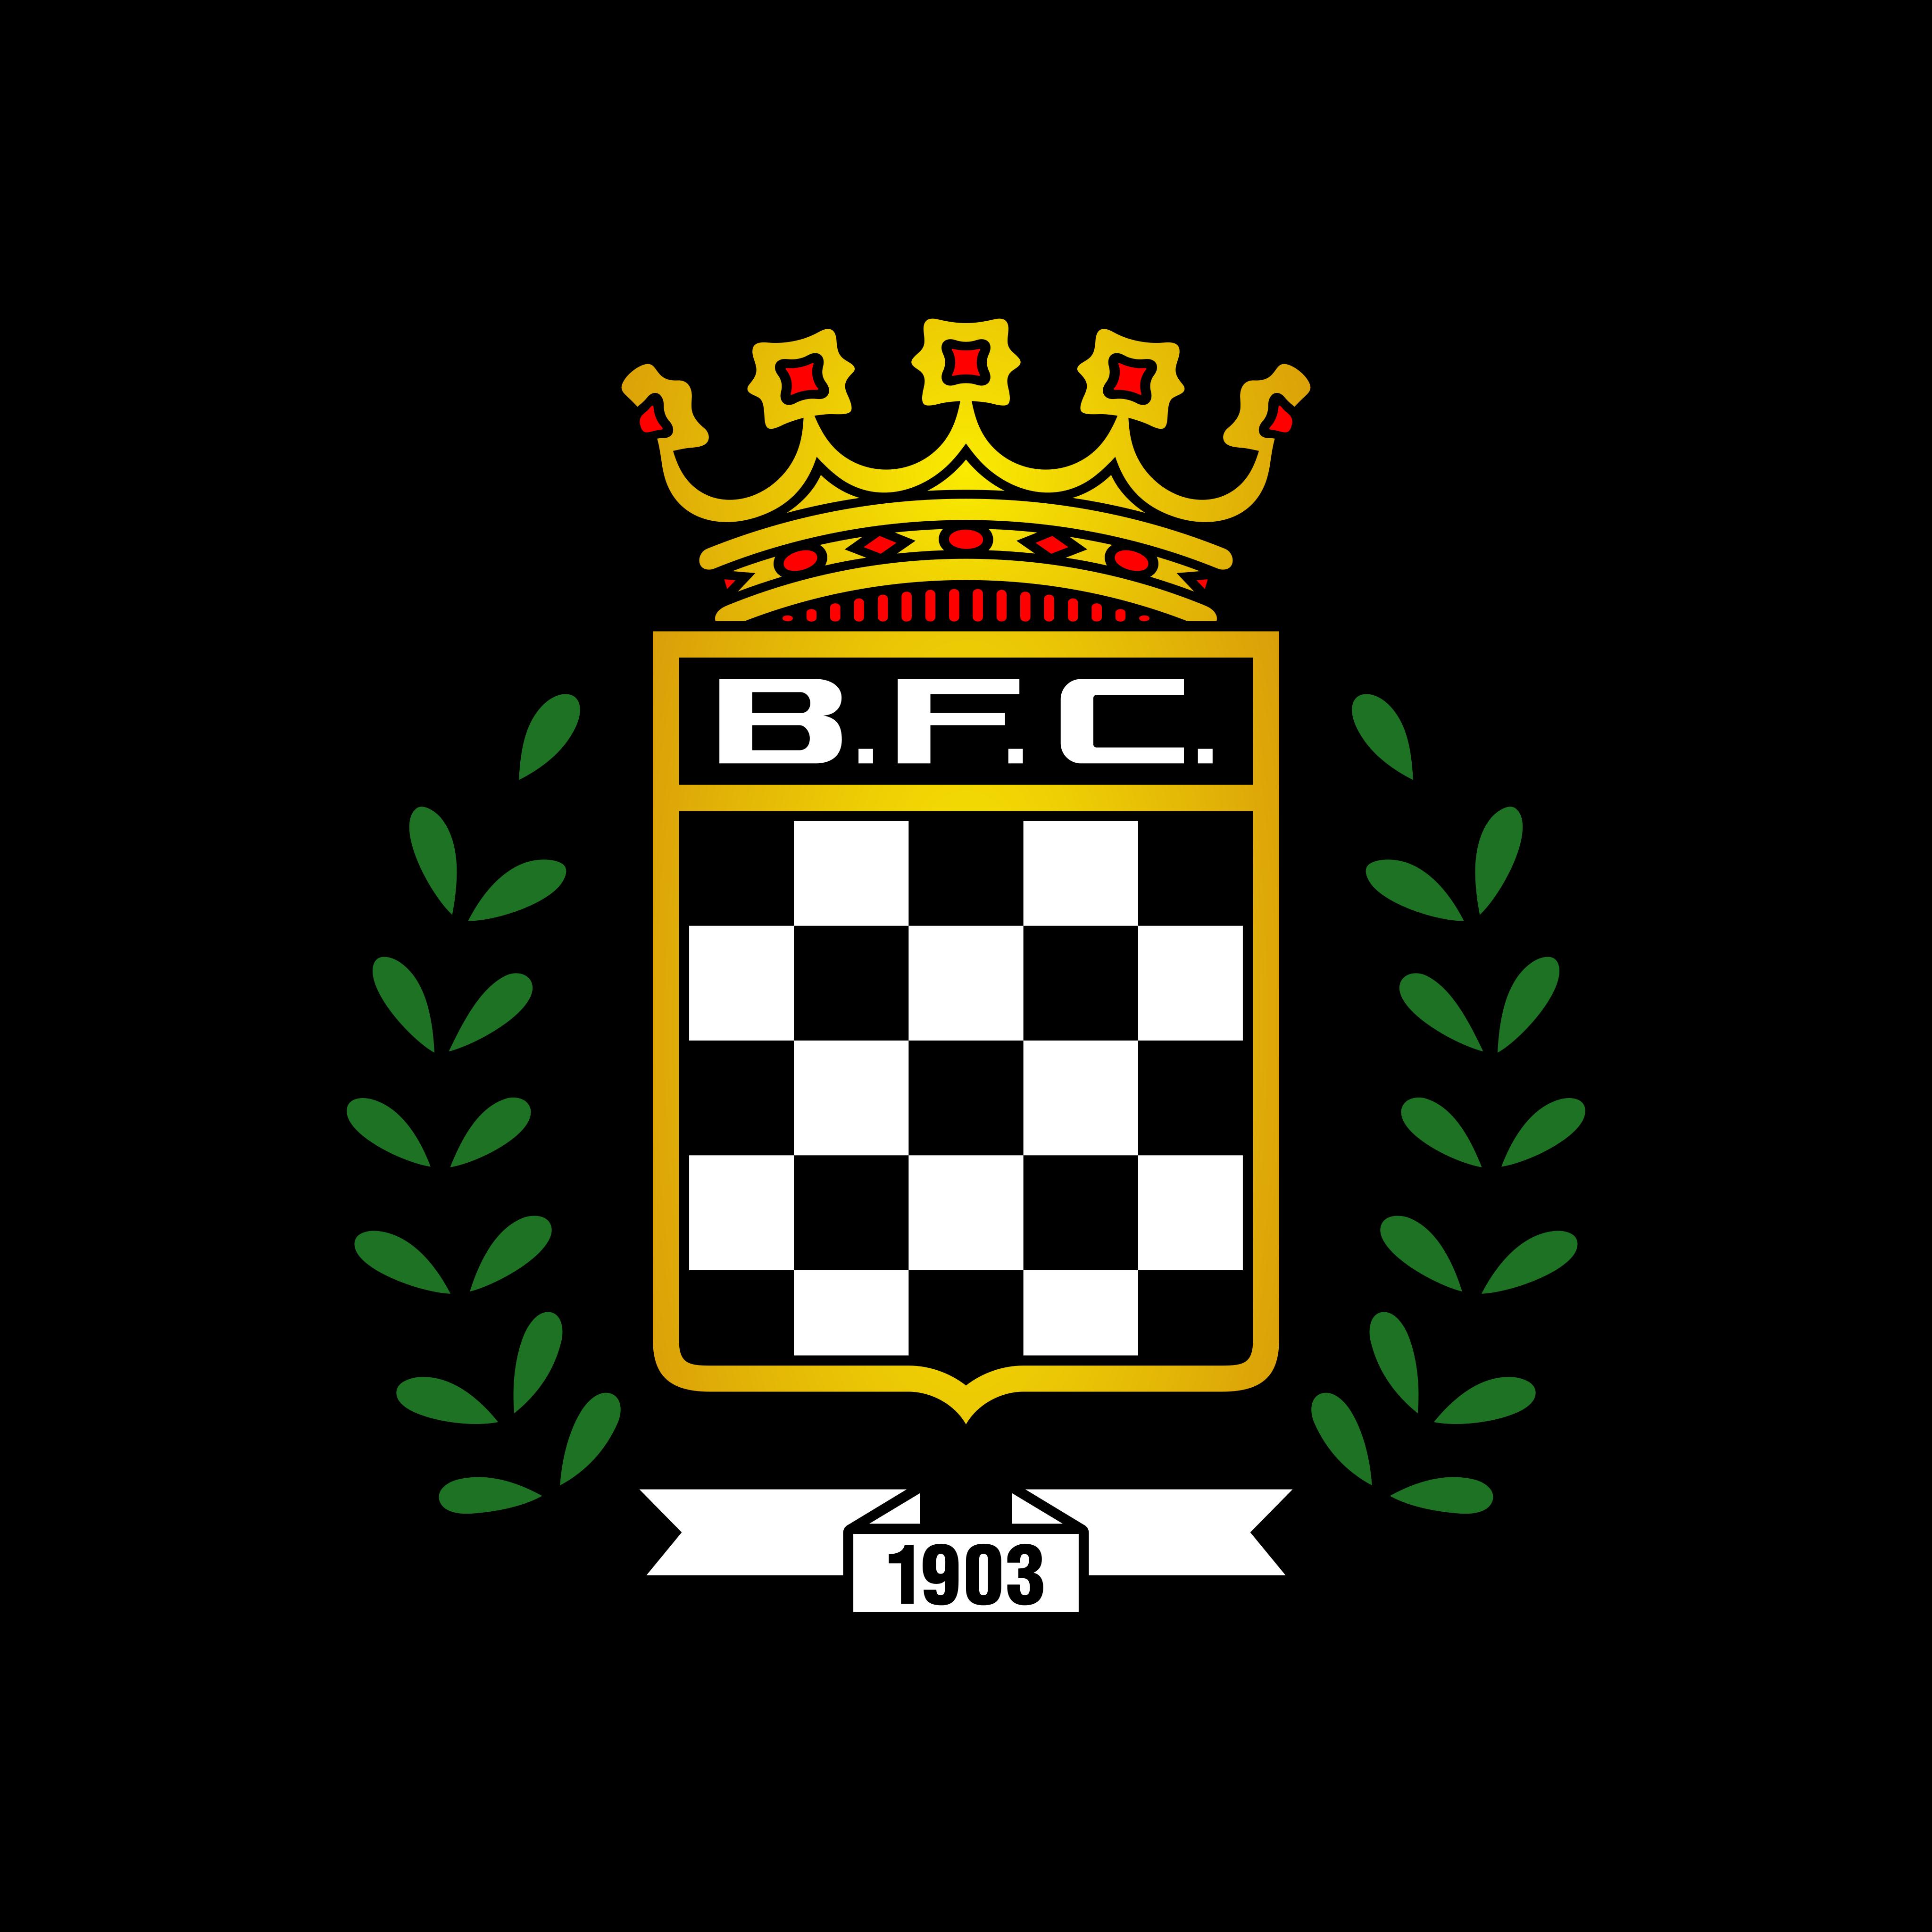 boavista fc logo 0 - Boavista FC Logo